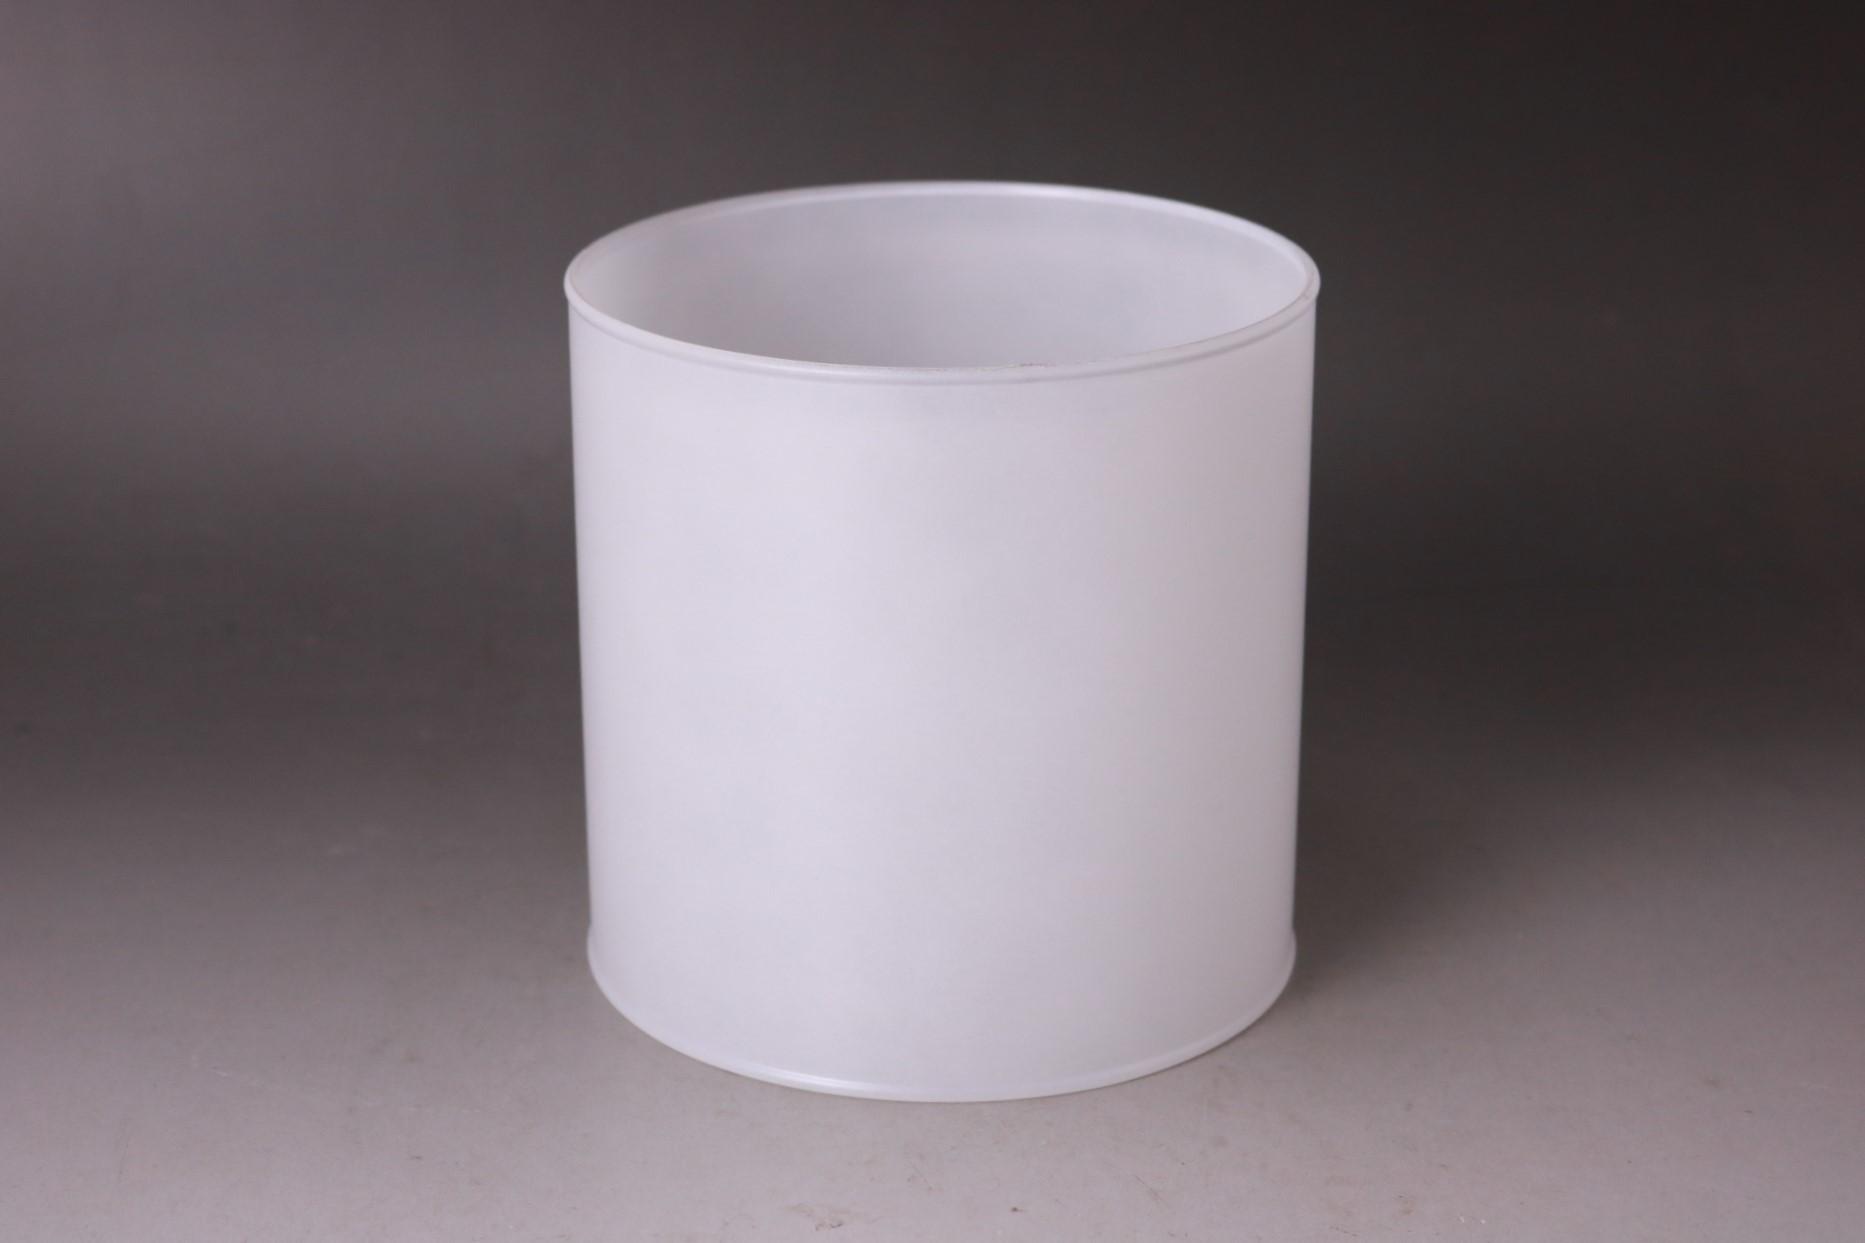 画像1: Primus 1020 ランタン用グローブ プリムス ホヤガラス フロスト (1)